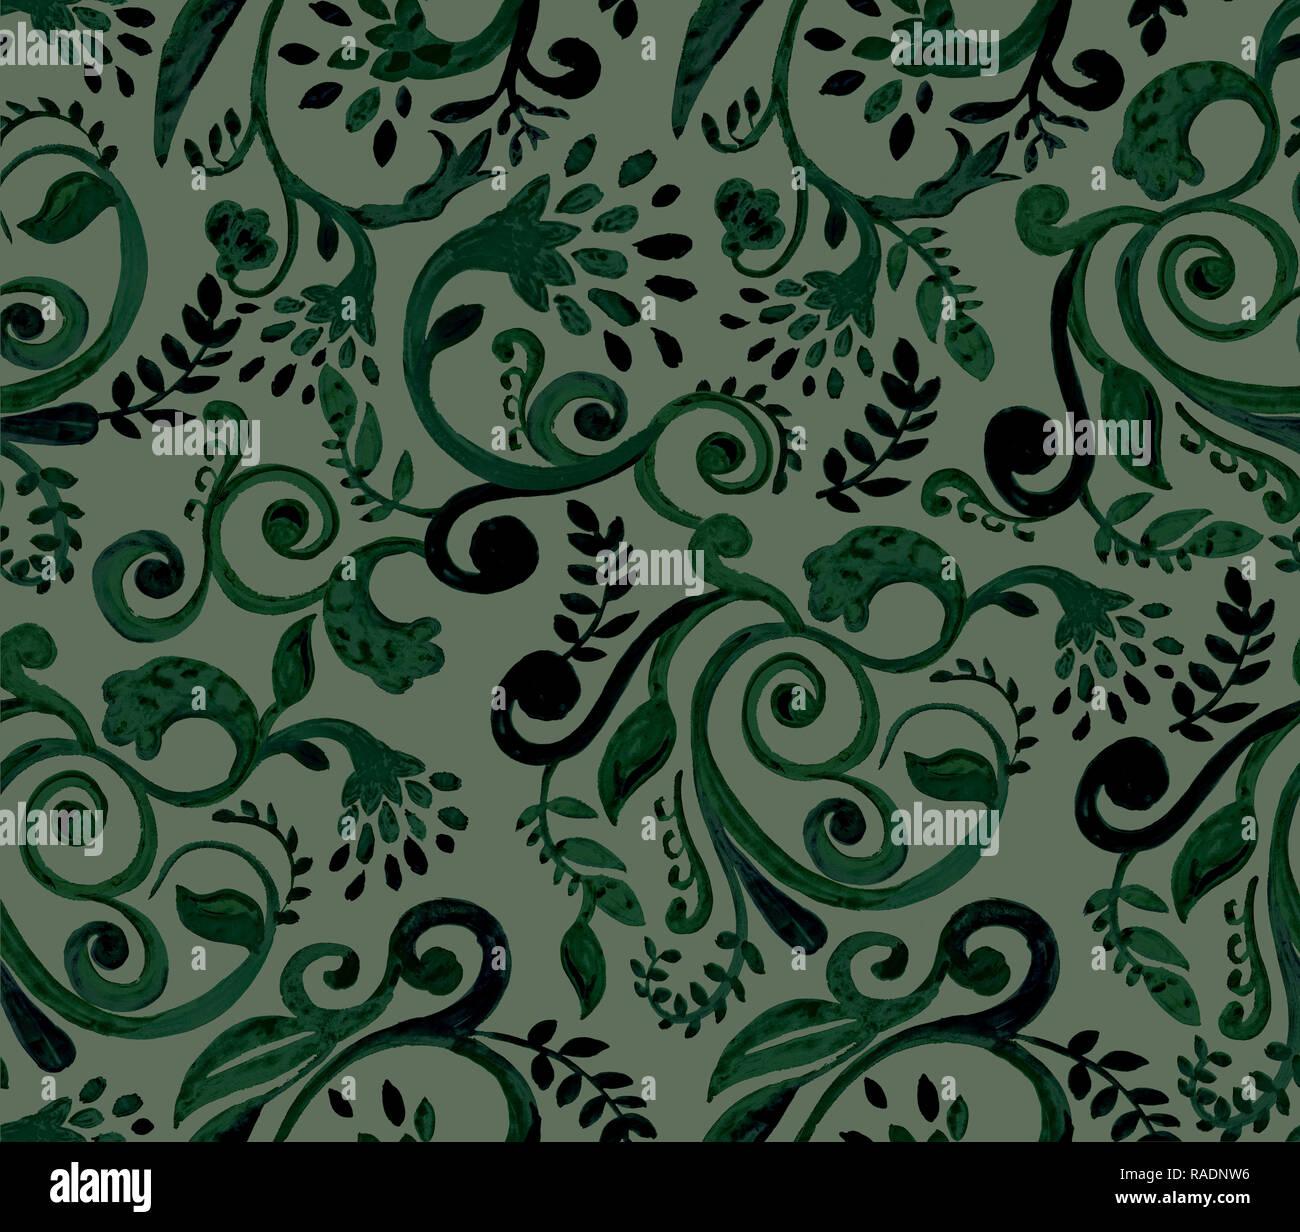 dae2feb1897eec Grüne Blumen Muster auf schwarzem Hintergrund. Hand Made Aquarell nahtlose  Textur für Kleidung, Stoff